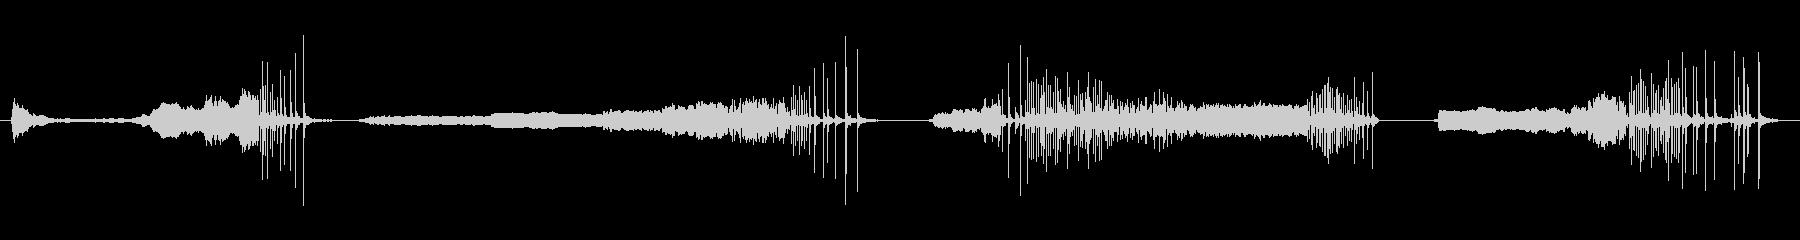 ドアウッドクリーク非常に長いx4の未再生の波形